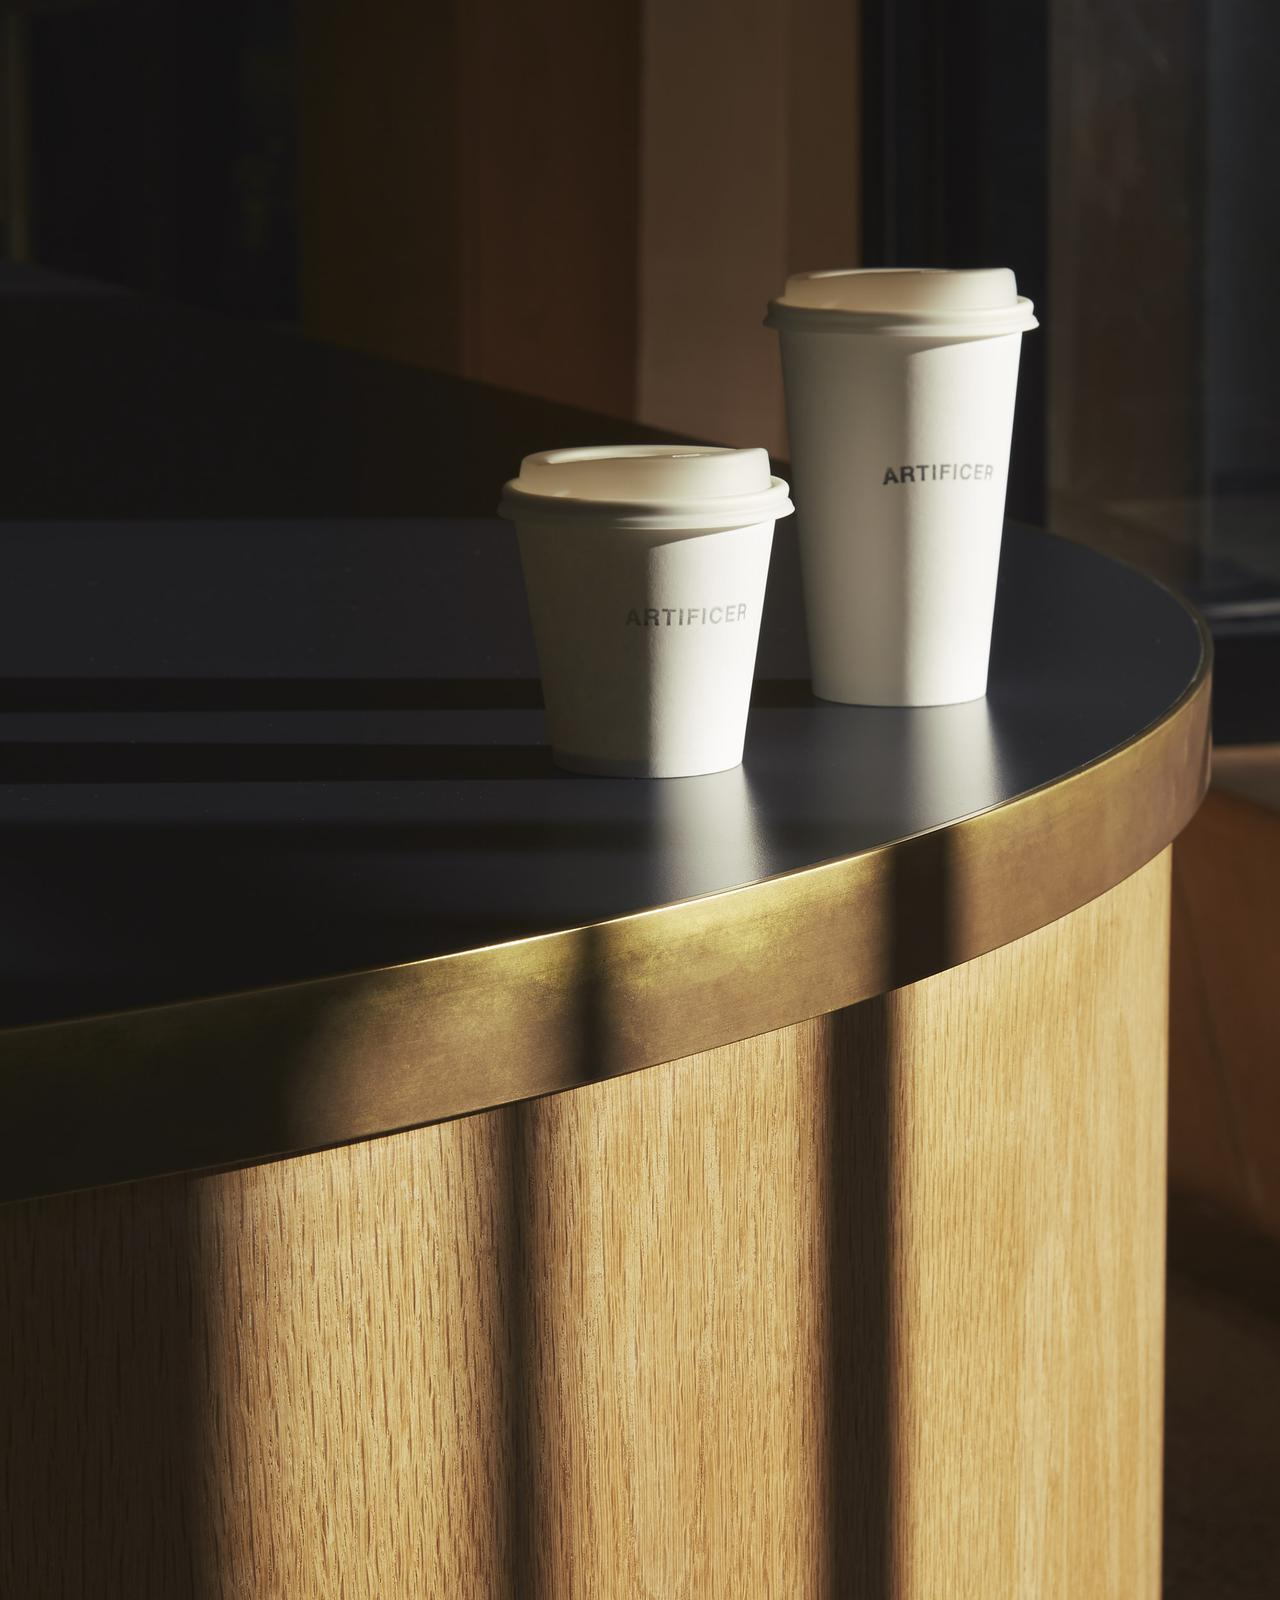 画像3: 1.コーヒーだけに特化。シドニーナンバーワン・コーヒーと言えば「Artificer Coffee(アーティフィサー・コーヒー)」